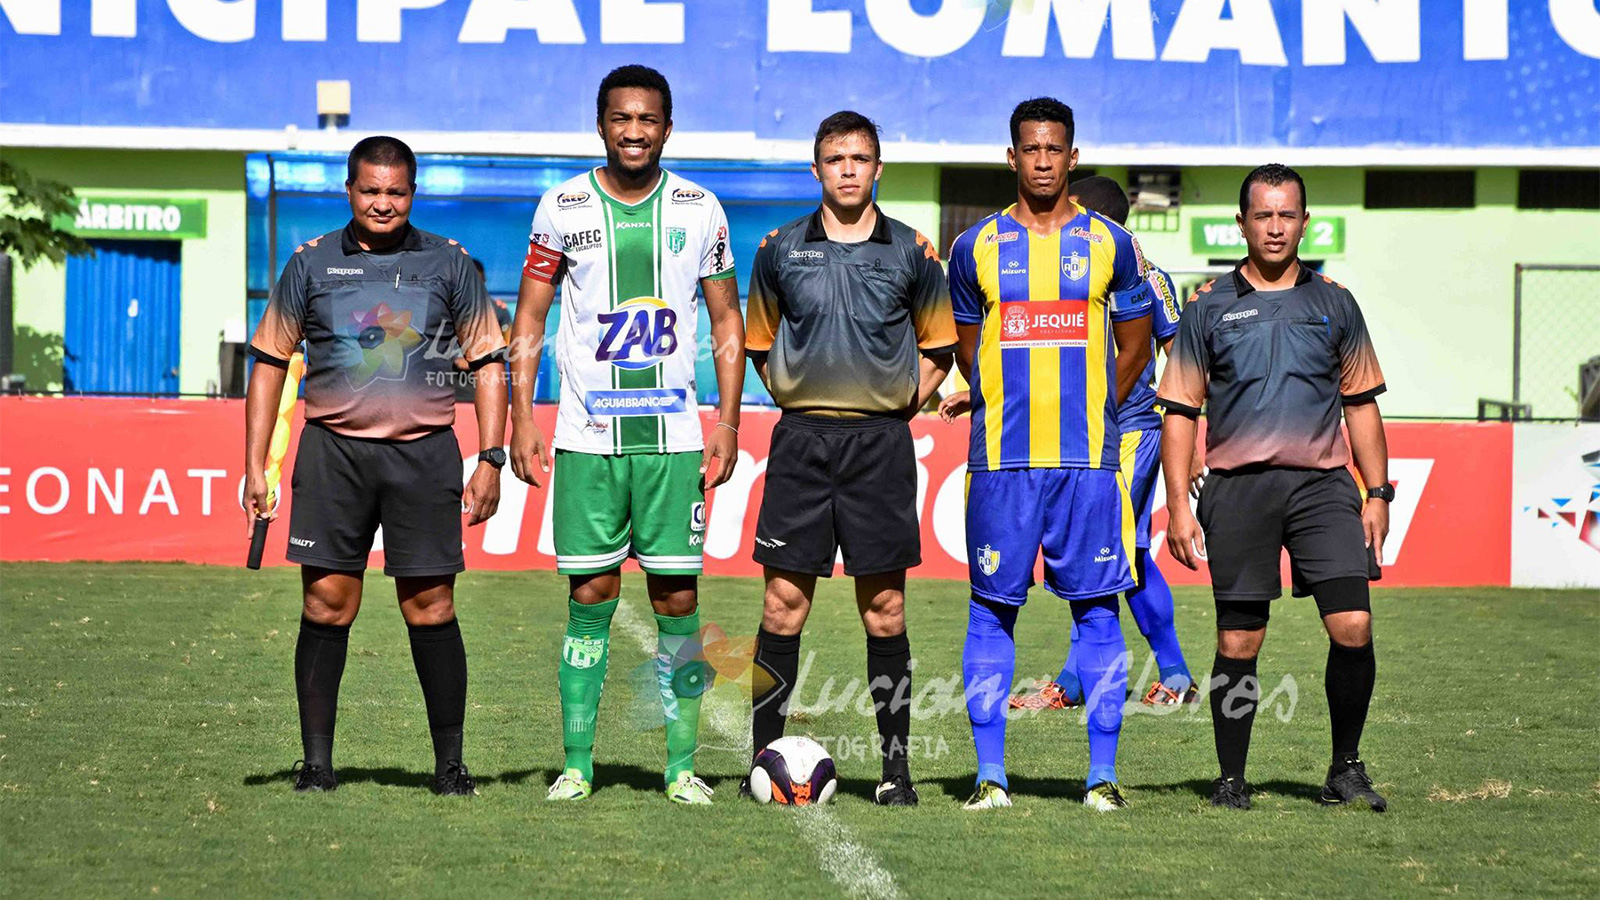 f77474d561aac Associação Desportiva Jequié vence Vitória da Conquista em jogo ...